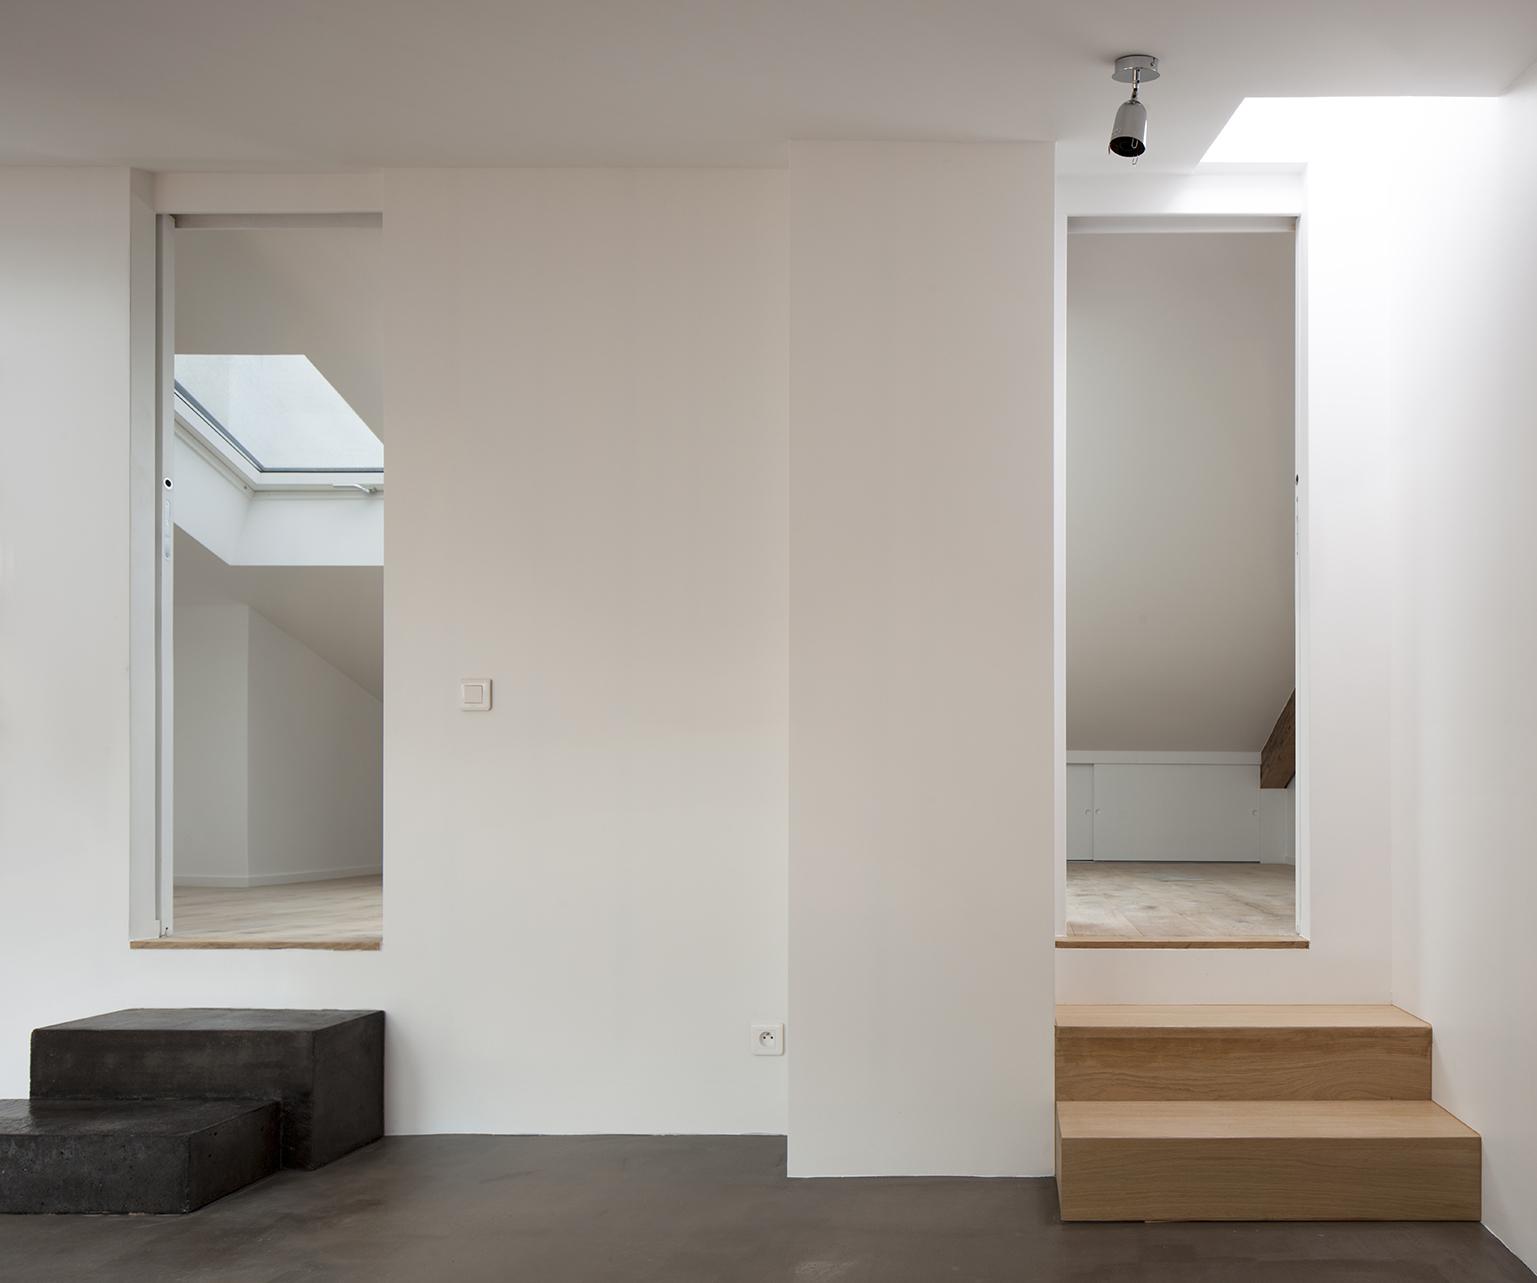 Galeria Stl: Galería De Dúplex En Saint-Mande / CAIROS Architecture Et